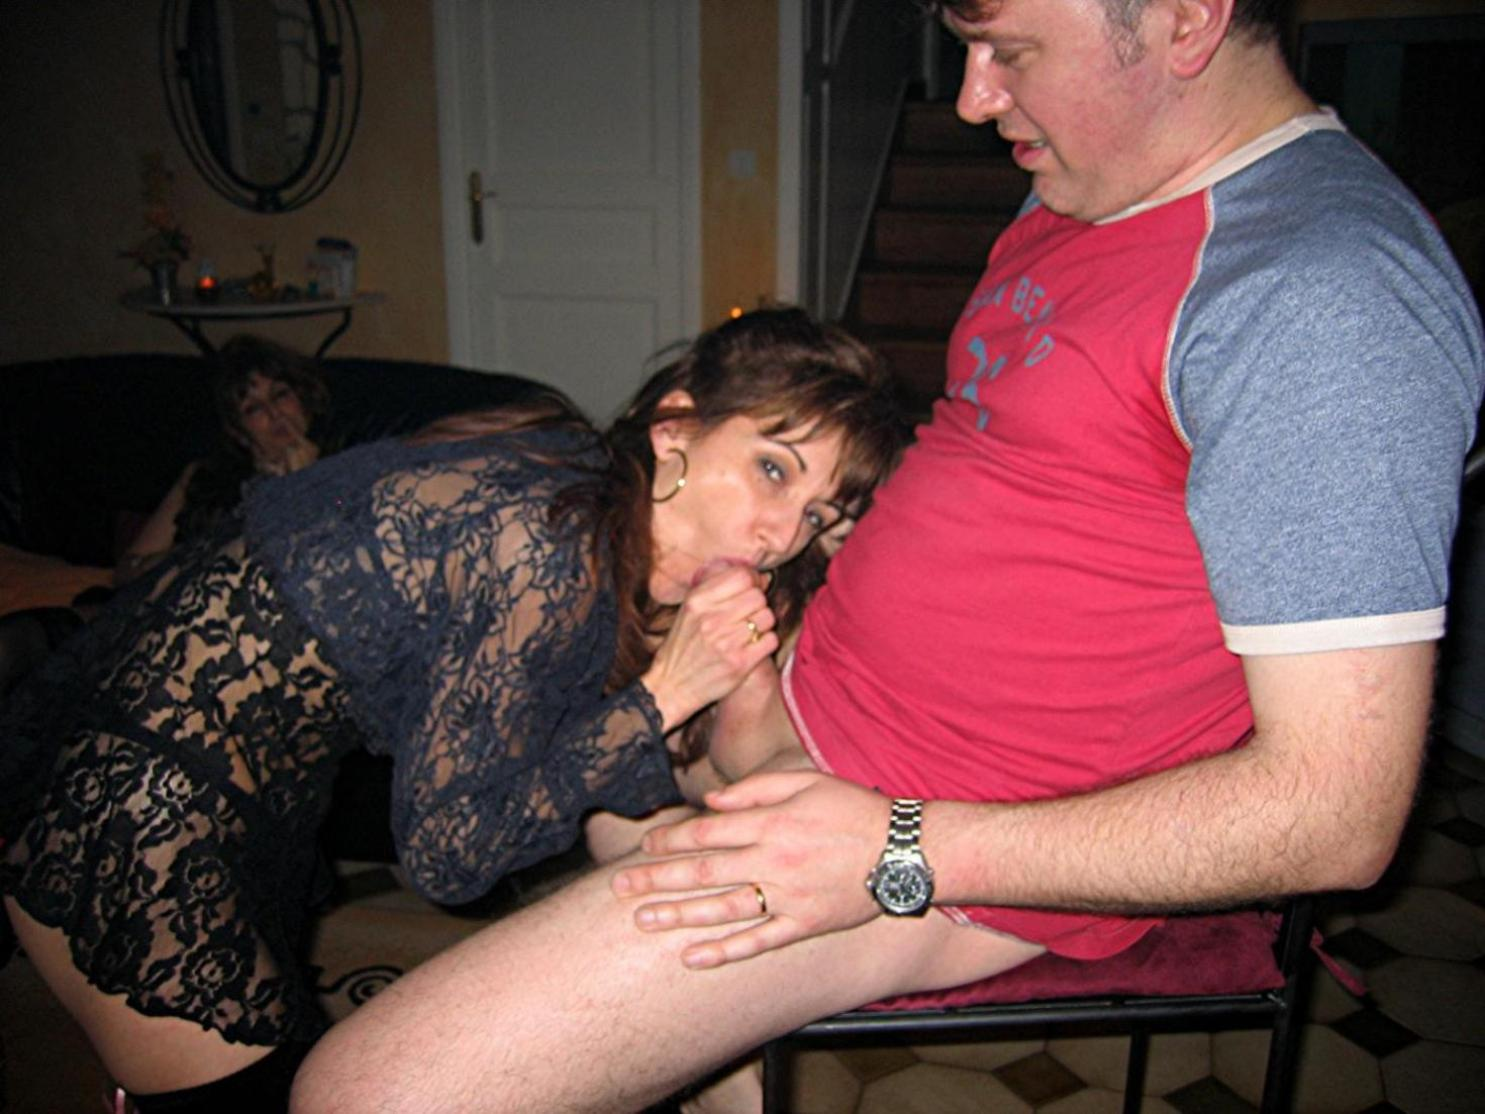 Семейные пары меняются партнёрами во время секса 14 фотография